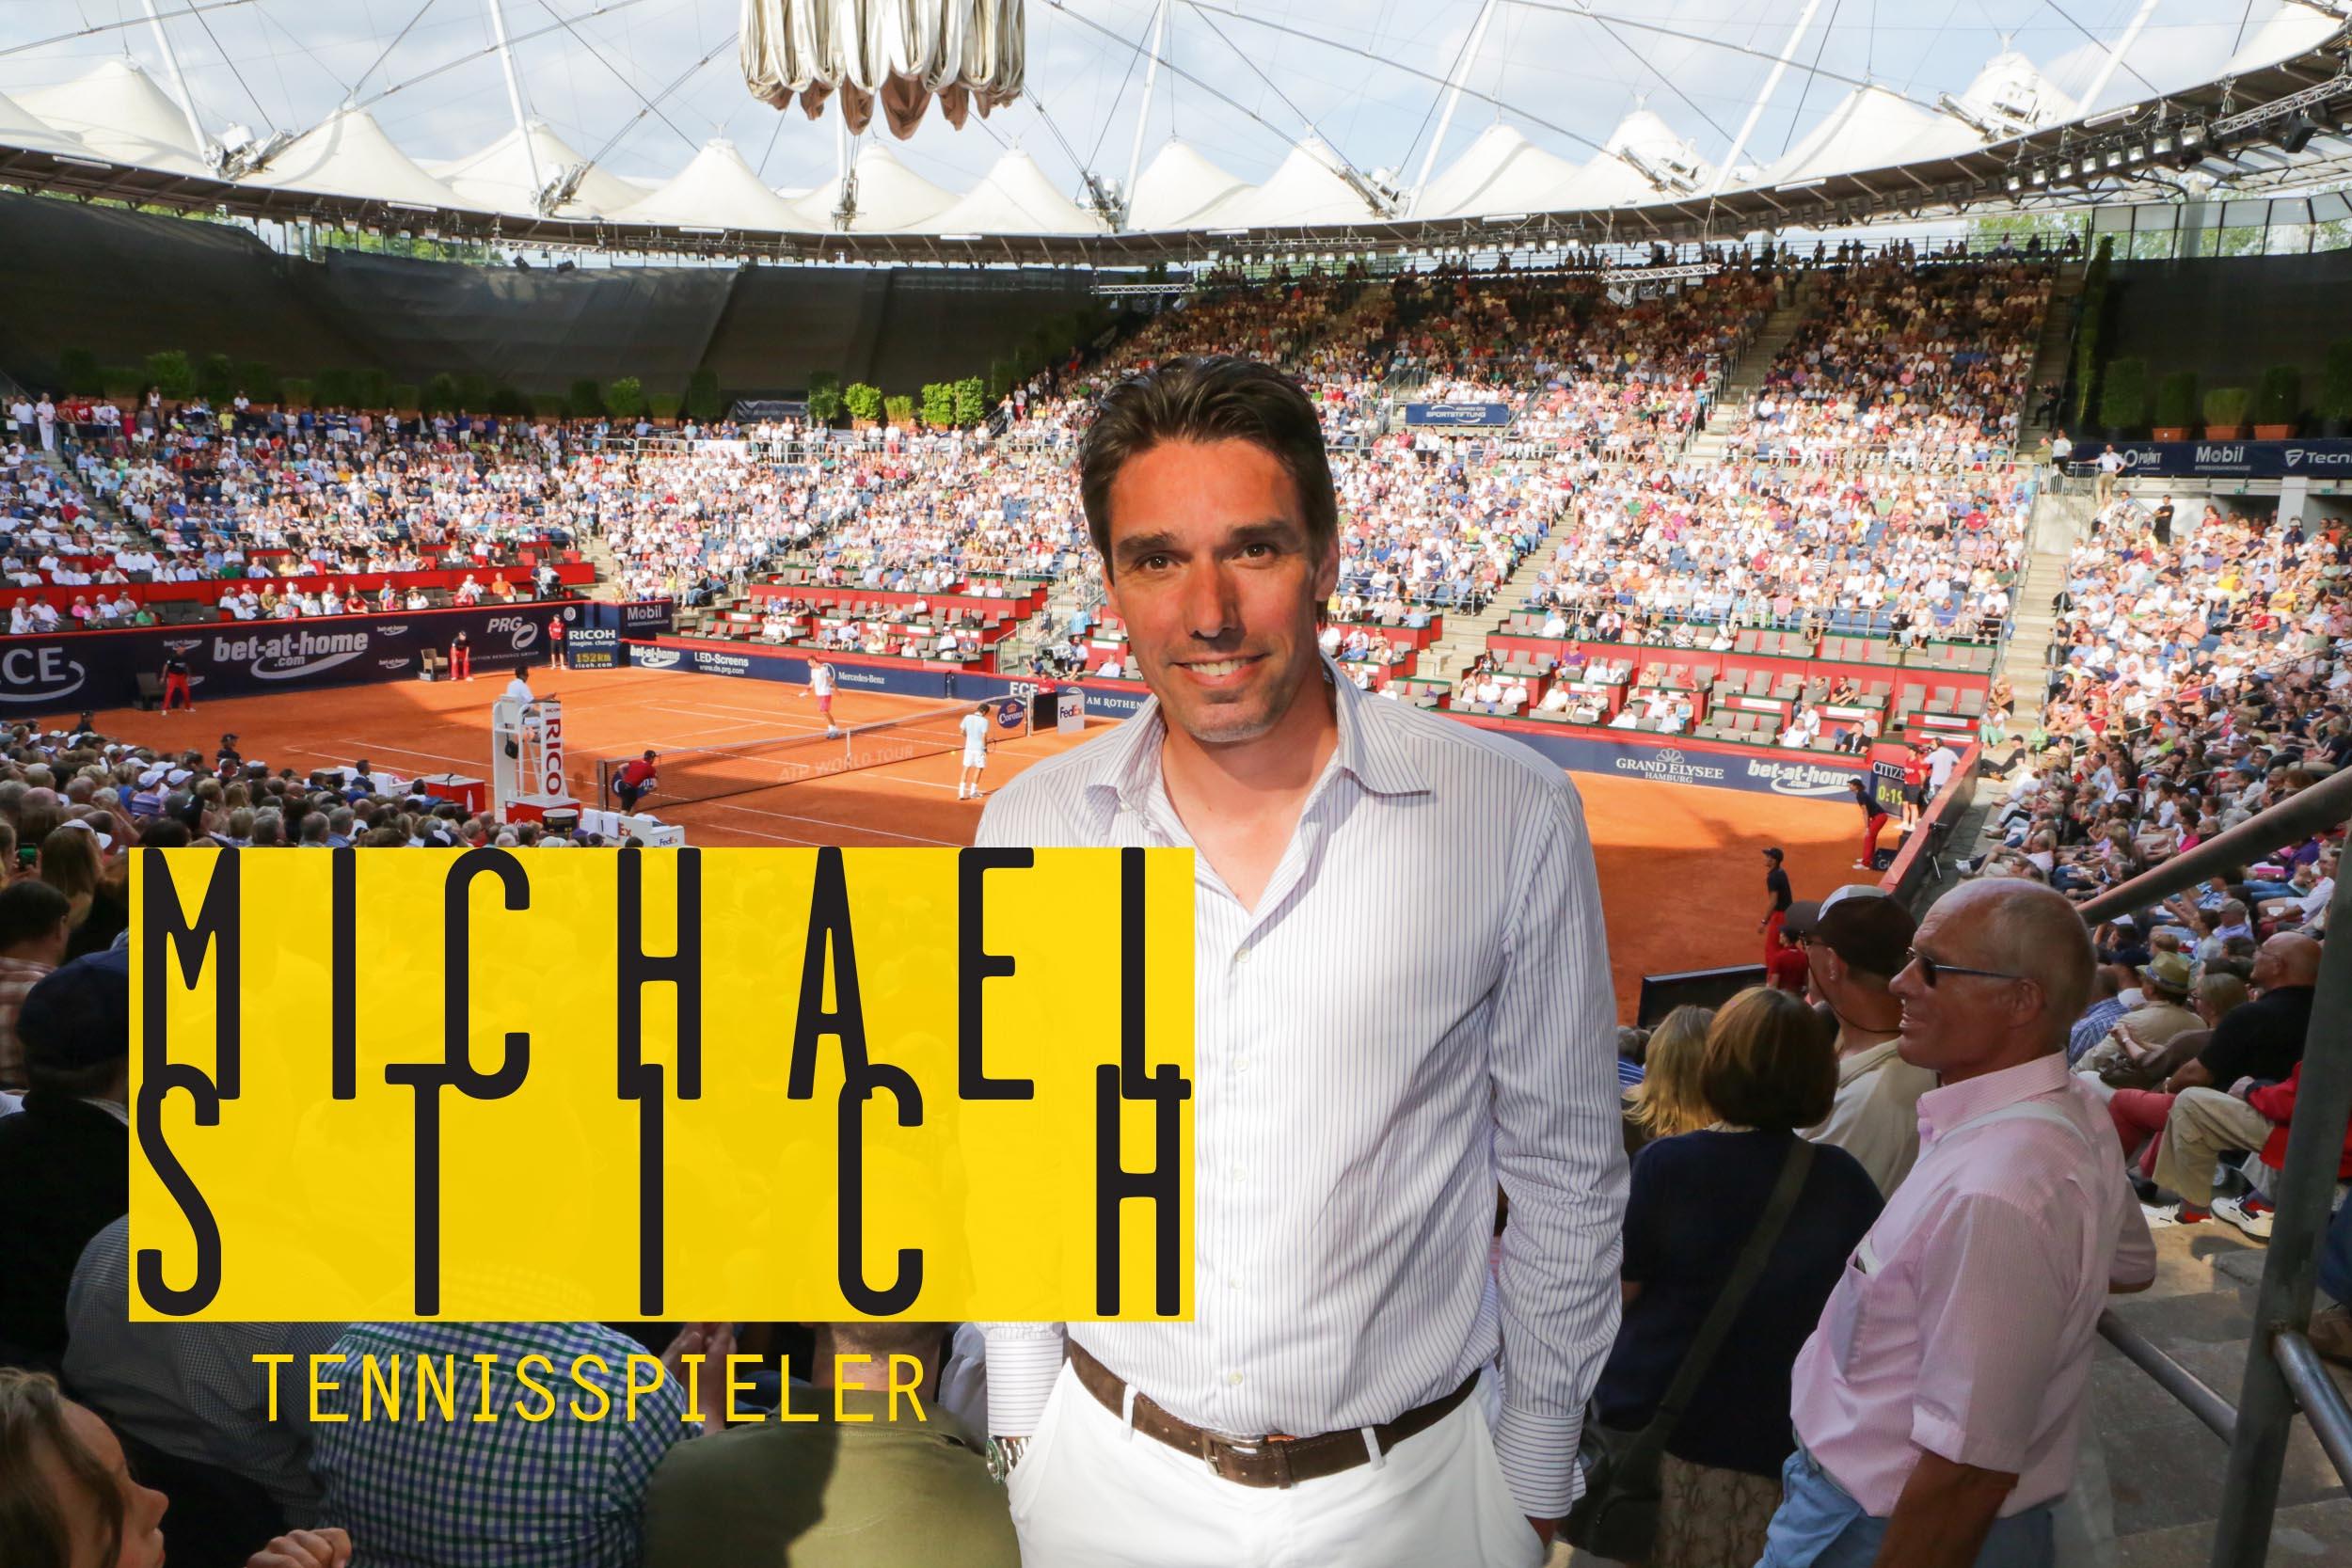 Ein Tennisspieler steht in einem Stadion und lächelt in die Kamera.